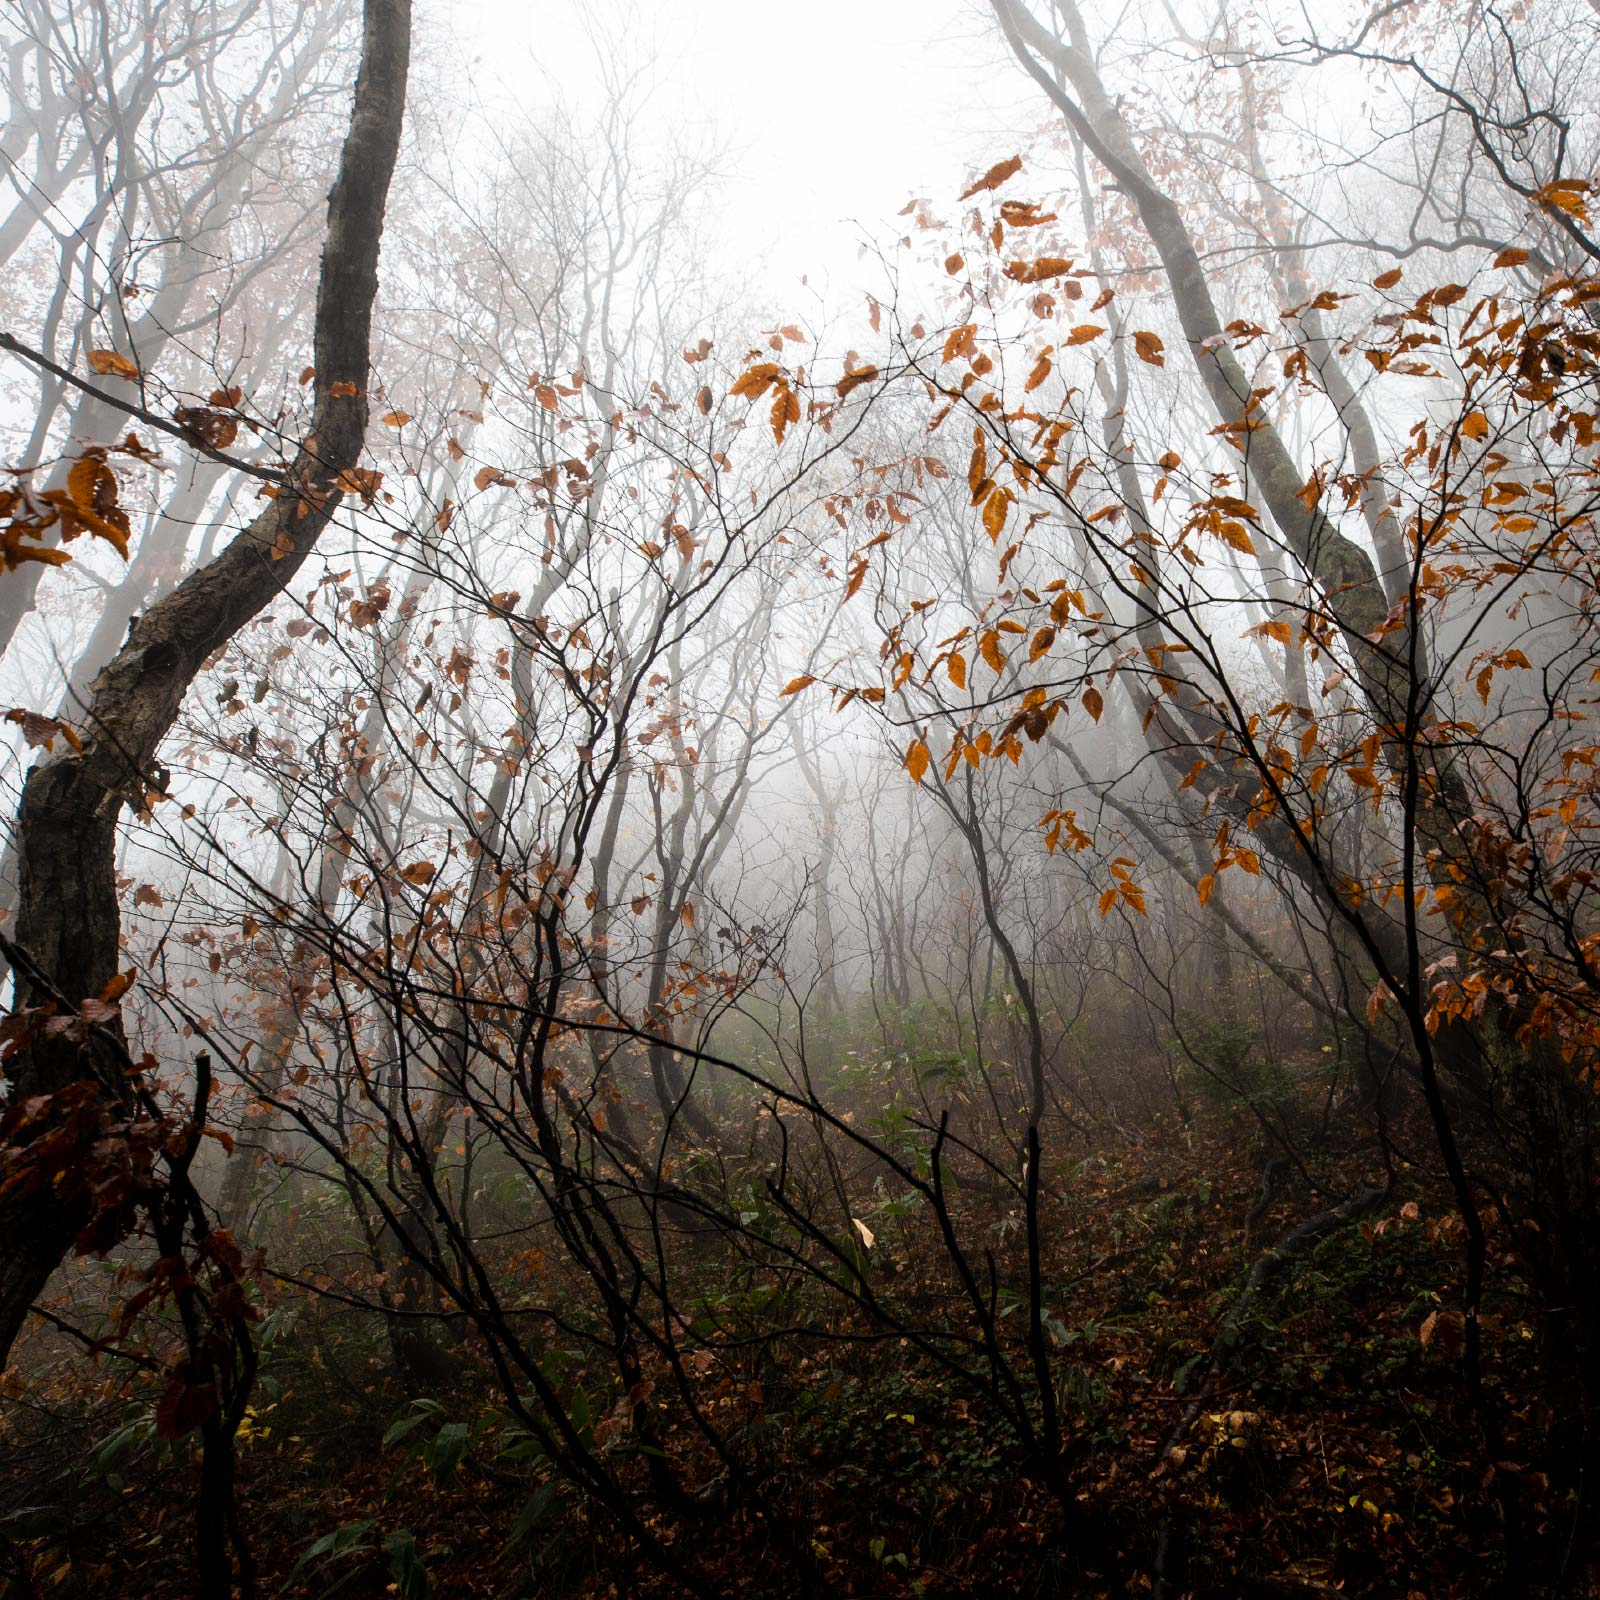 荒島岳登山 待冬のブナ林 霧煙る落葉の登山道